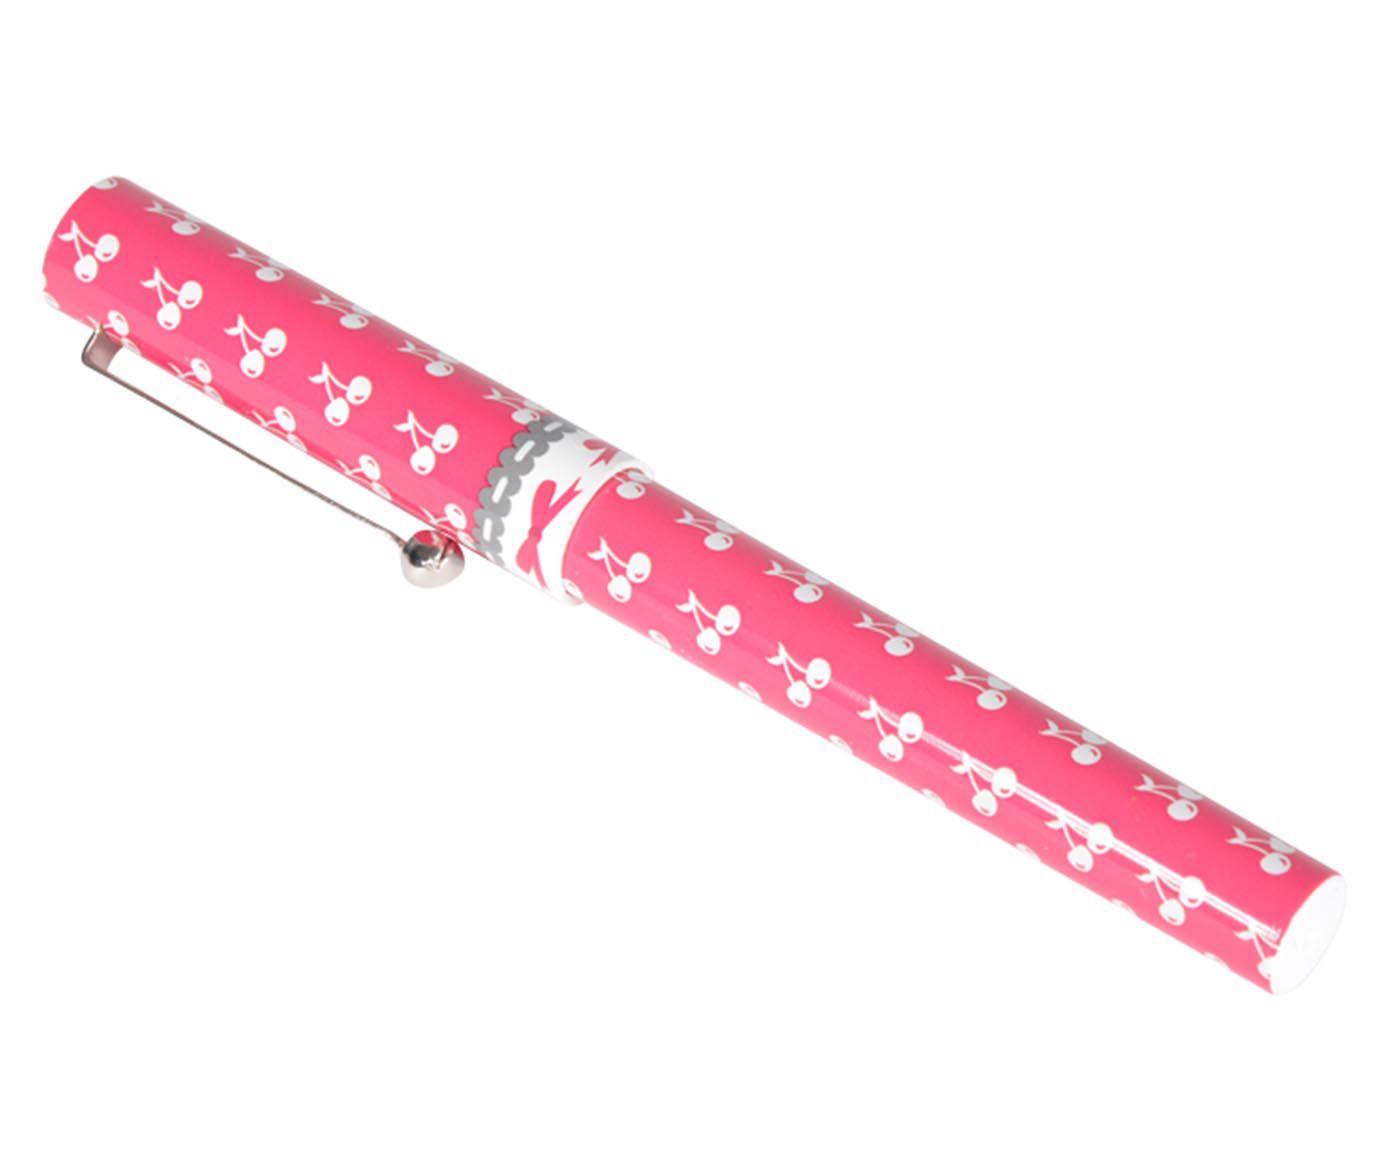 Caneta Cherry - Rosa   Westwing.com.br